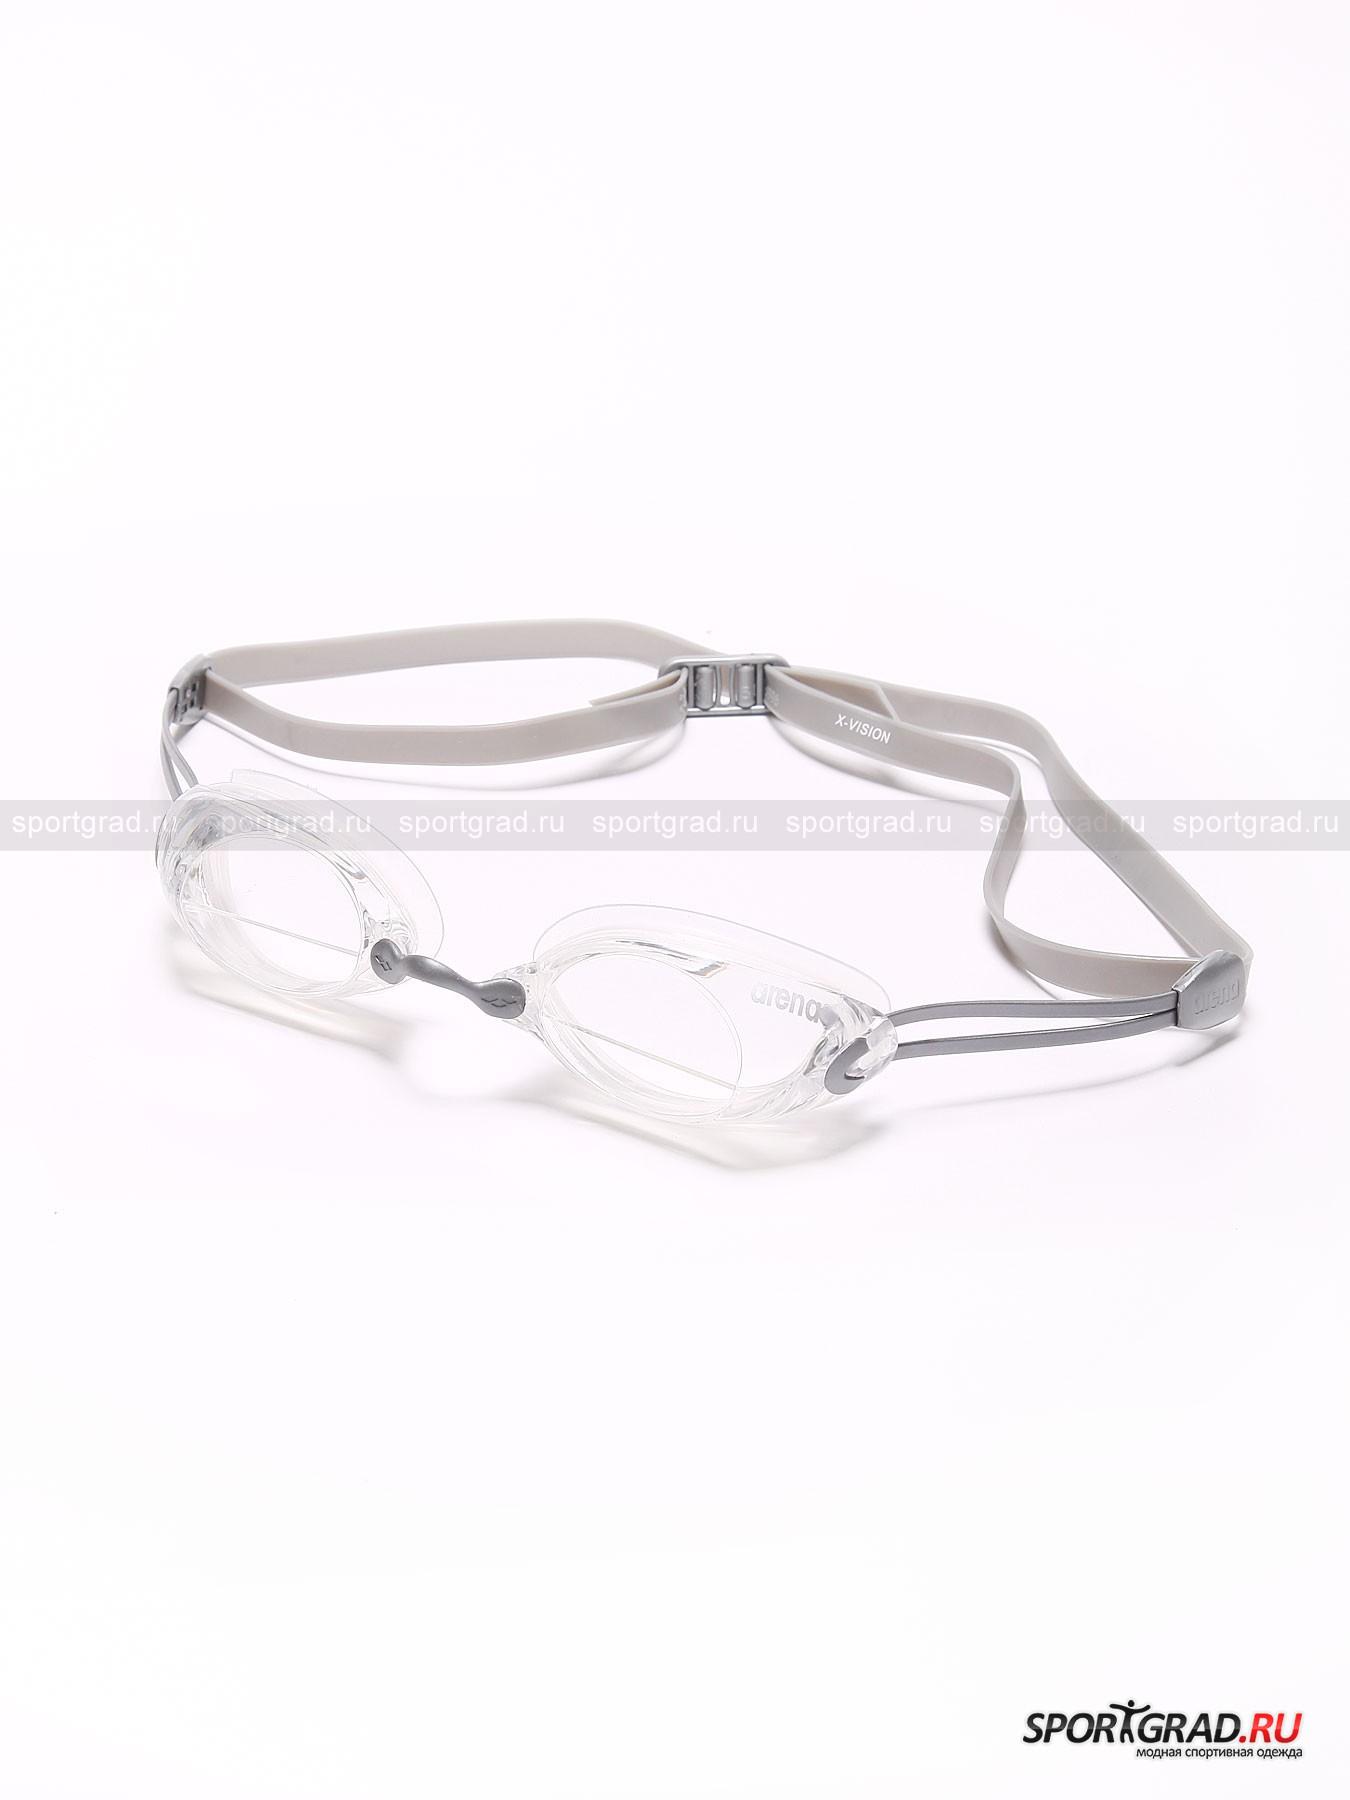 Очки X-Vision ARENAОчки<br>Гидродинамичные очки подойдут как для выступления на соревнованиях, так и для регулярных тренировок в бассейне. Очки имеют панорамные линзы с расширенным фронтальным обзором и системой Anti-Fog, предотвращающей запотевание. Также модель снабжена сменными дужками разных размеров, удобной системой фиксации и 100% защитой от УФ лучей. Плавательные очки Arena из линейки Racing Series порадуют Вас своим стильным дизайном и высоким качеством.<br><br>Возраст: Взрослый<br>Тип: Очки<br>Рекомендации по уходу: После каждого использования споласкивать пресной водой, сушить в стороне от батарей и солнечных лучей, регулярно восстанавливать антизапотевающий слой специальным спреем анти-фог.<br>Состав: Линзы - поликарбонат, уплотнитель и ремешок - силикон.